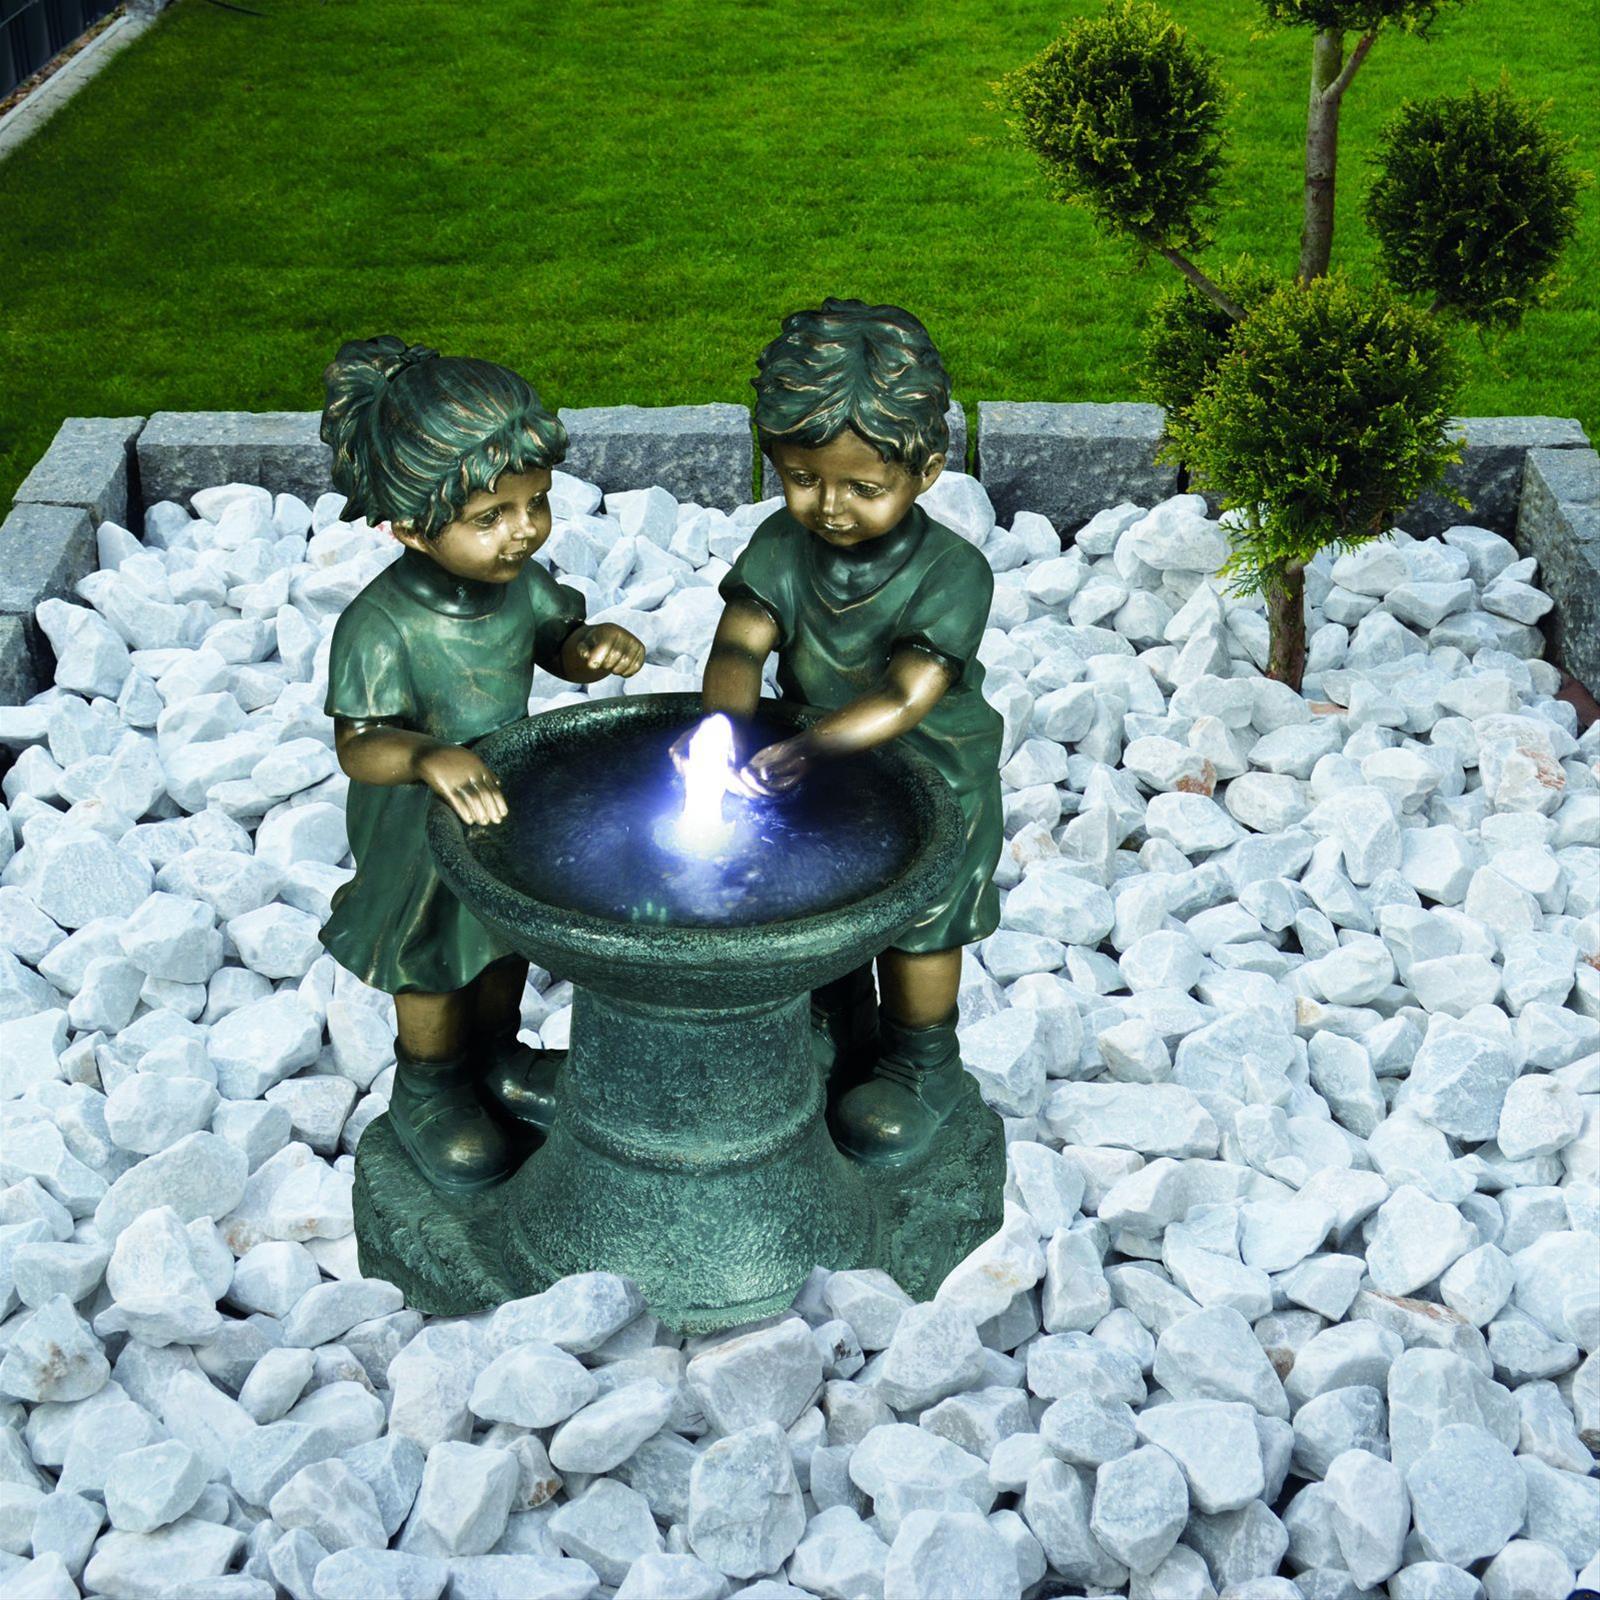 Gartenbrunnen / Wasserspiel / Zimmerbrunnen GardenForma Toronto Bild 2